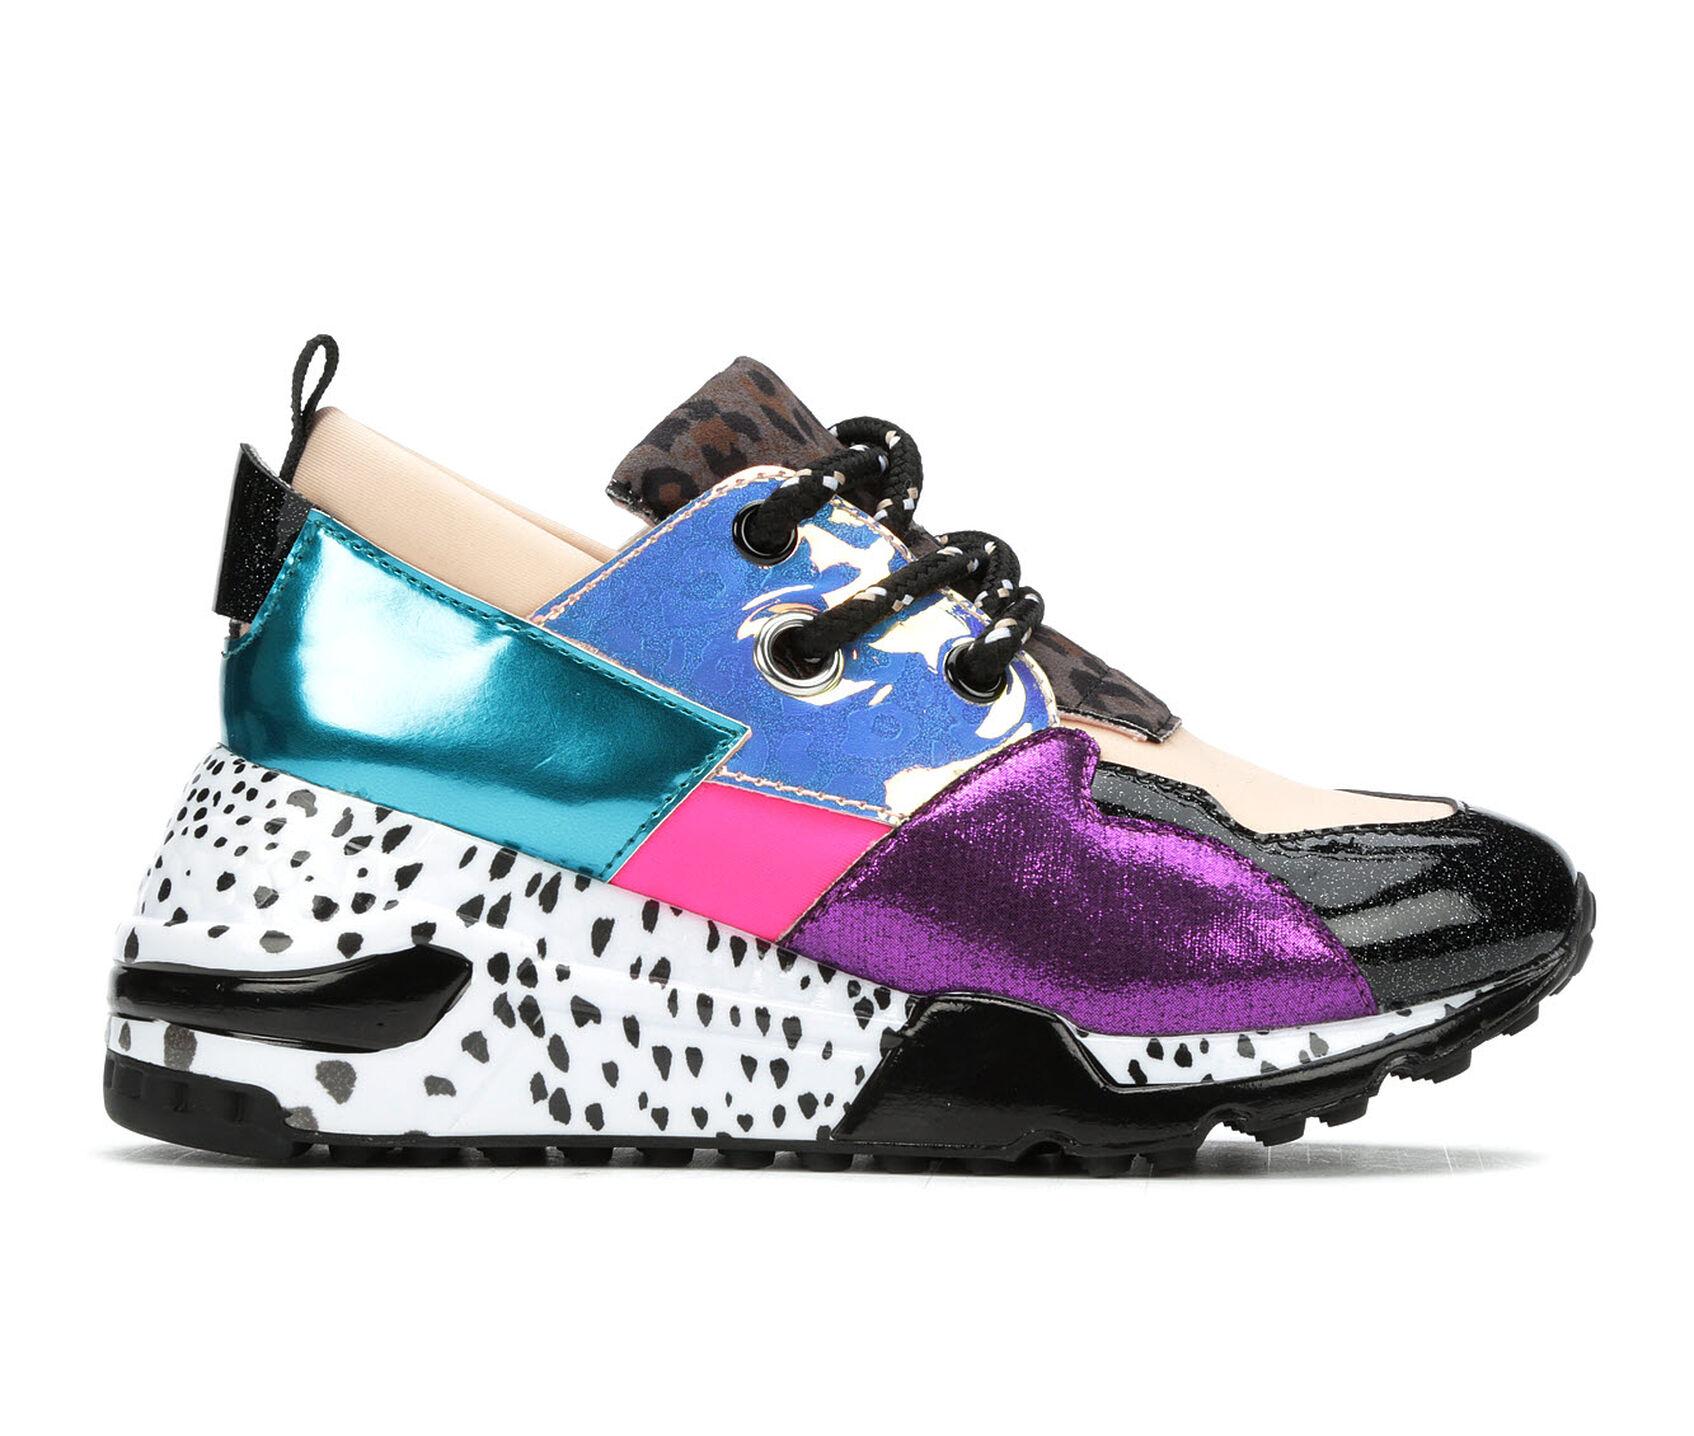 ccb1984b024 Girls' Steve Madden Little Kid & Big Kid Cliff Fashion Sneakers